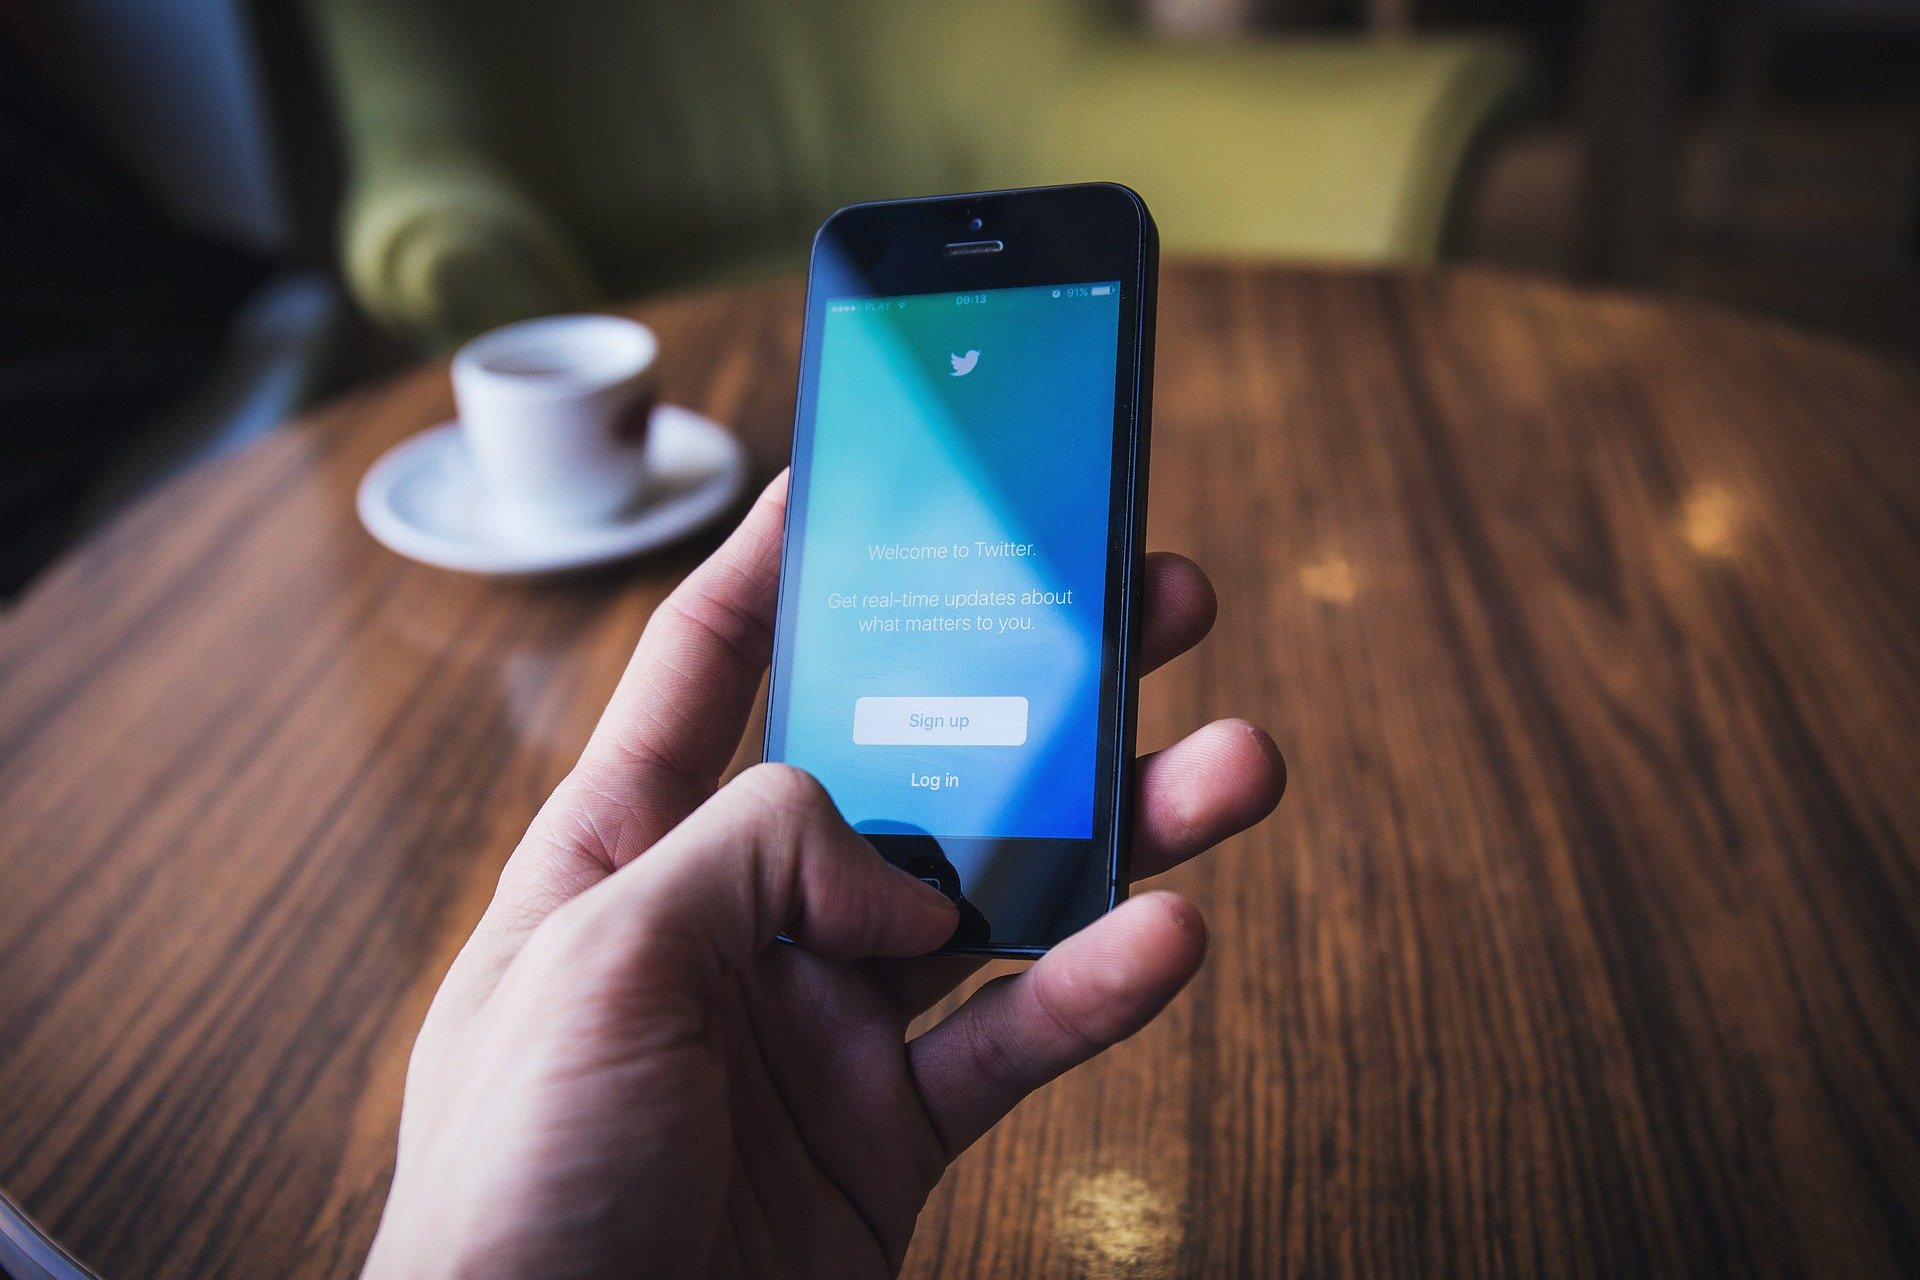 Ecco come utilizzare Twitter per rafforzare il tuo marchio personale